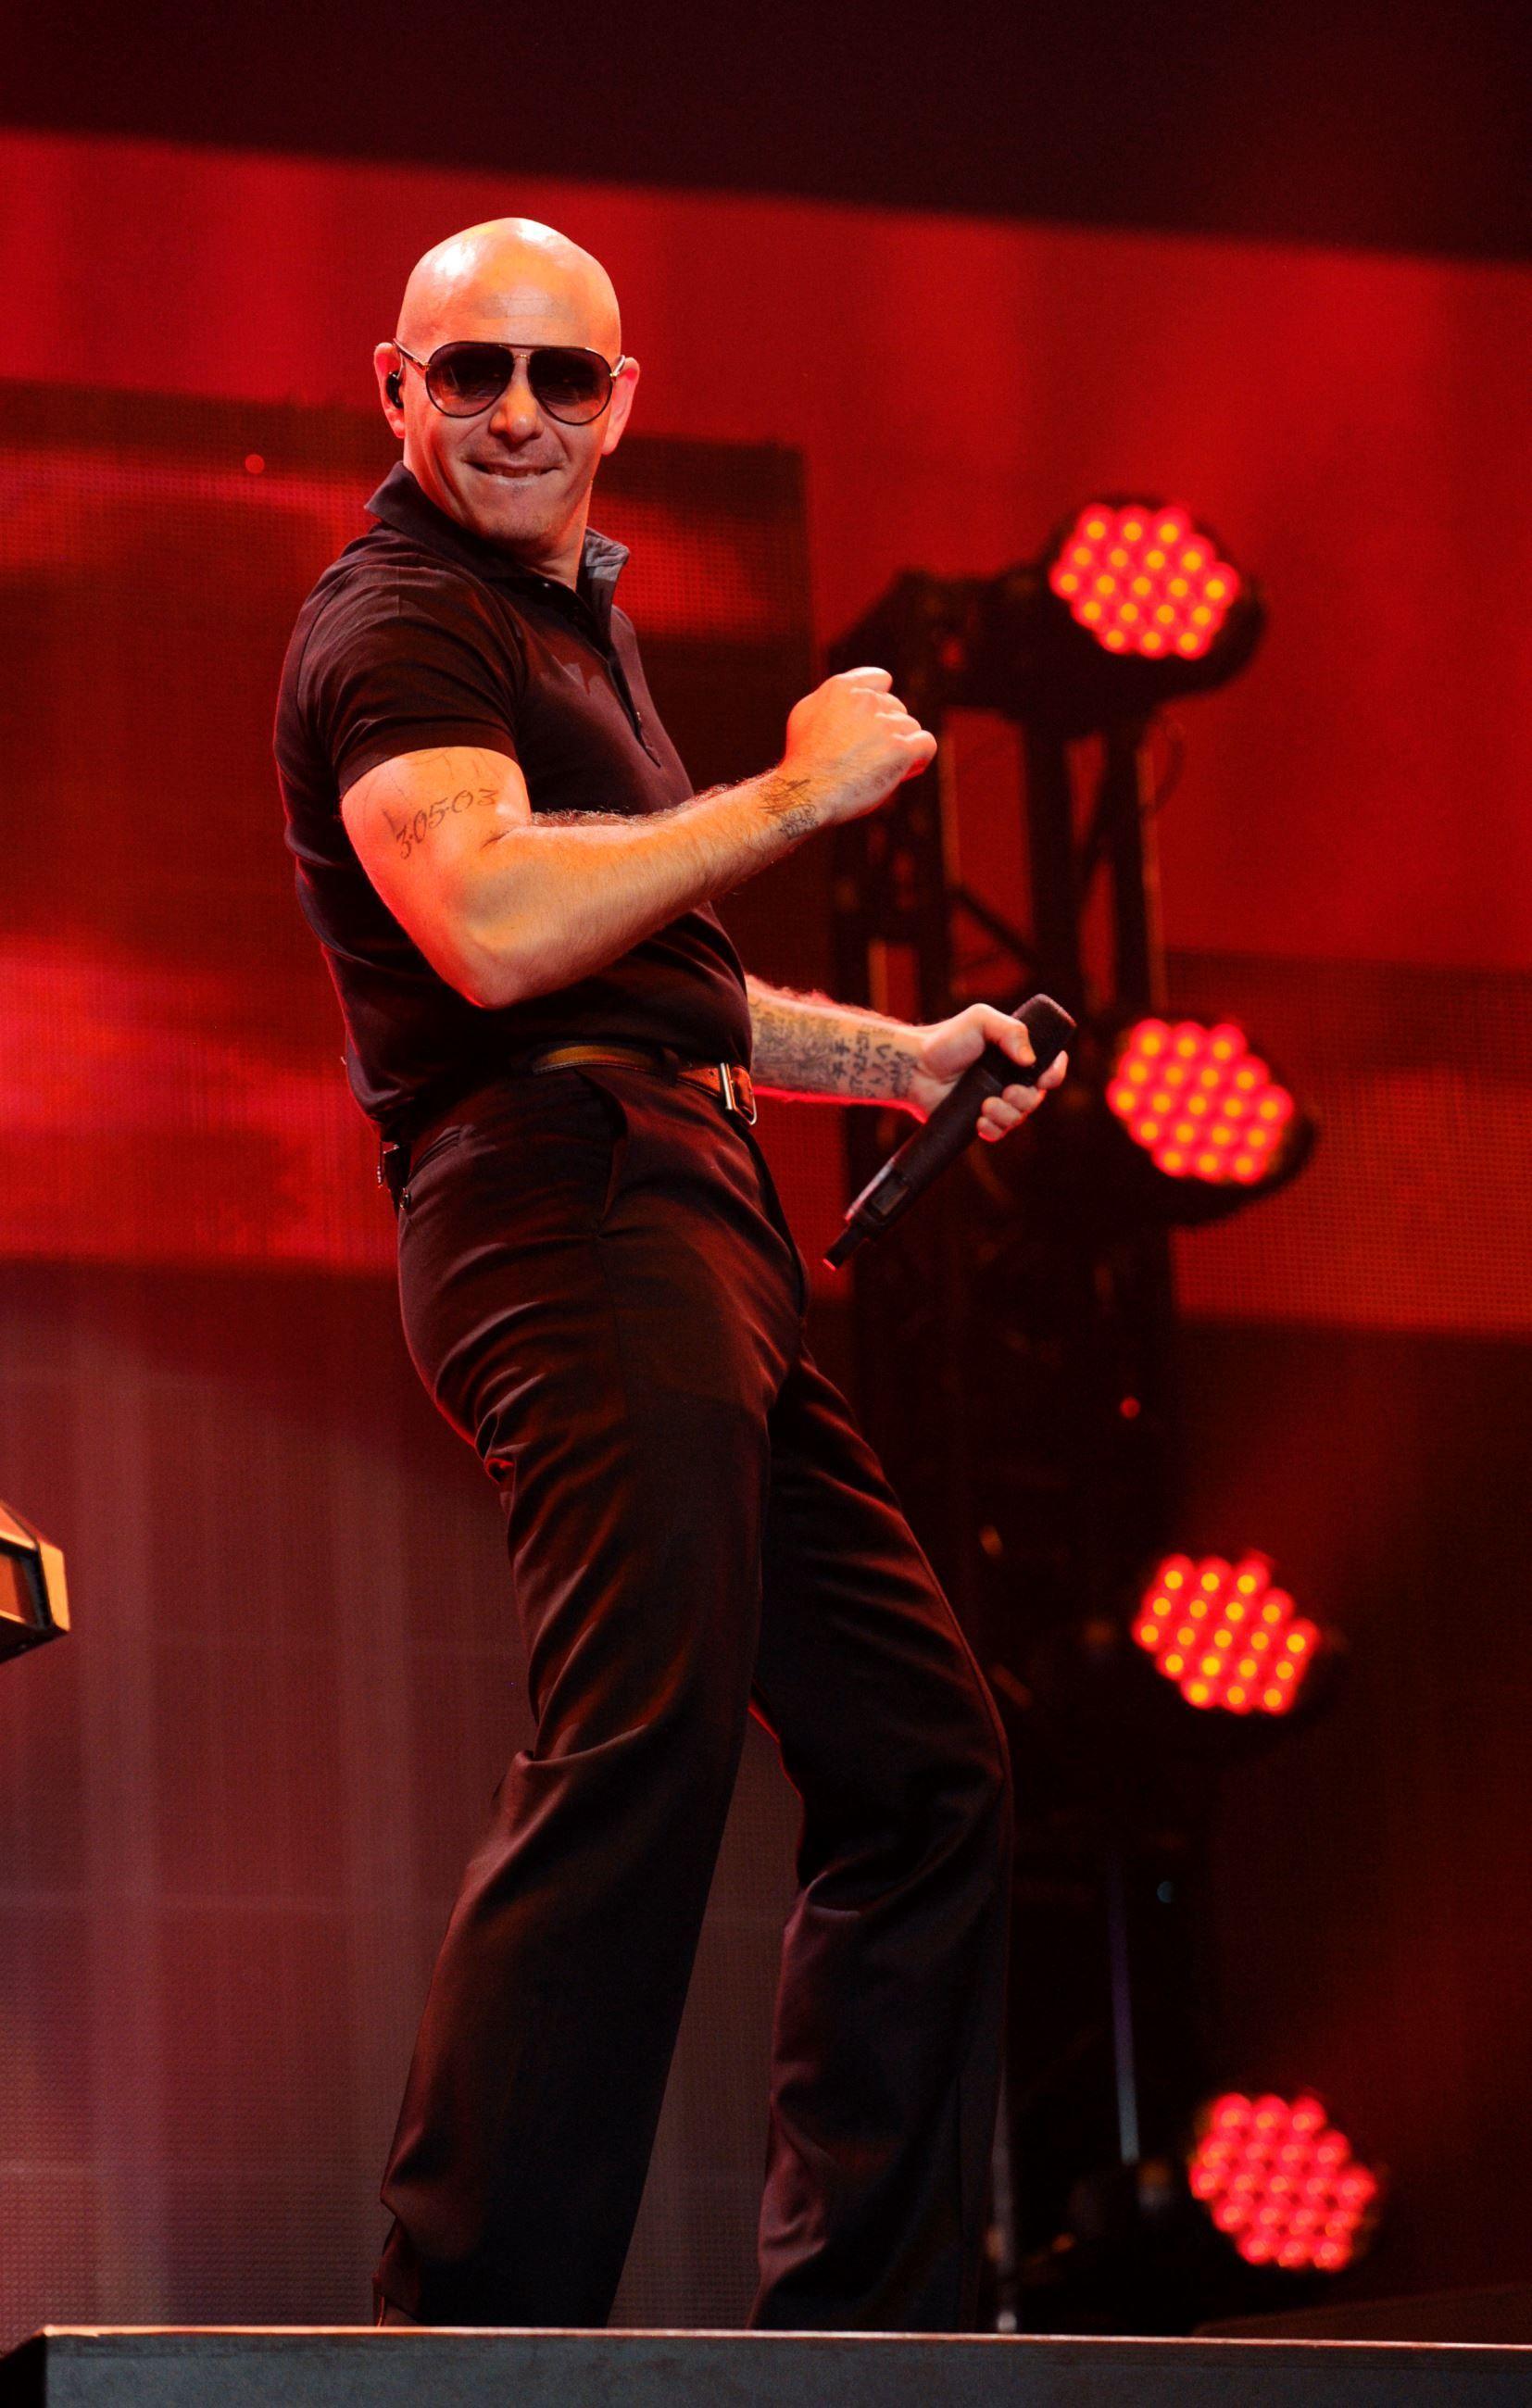 Pitbull 10 reasons we love the 'Fireball' singer